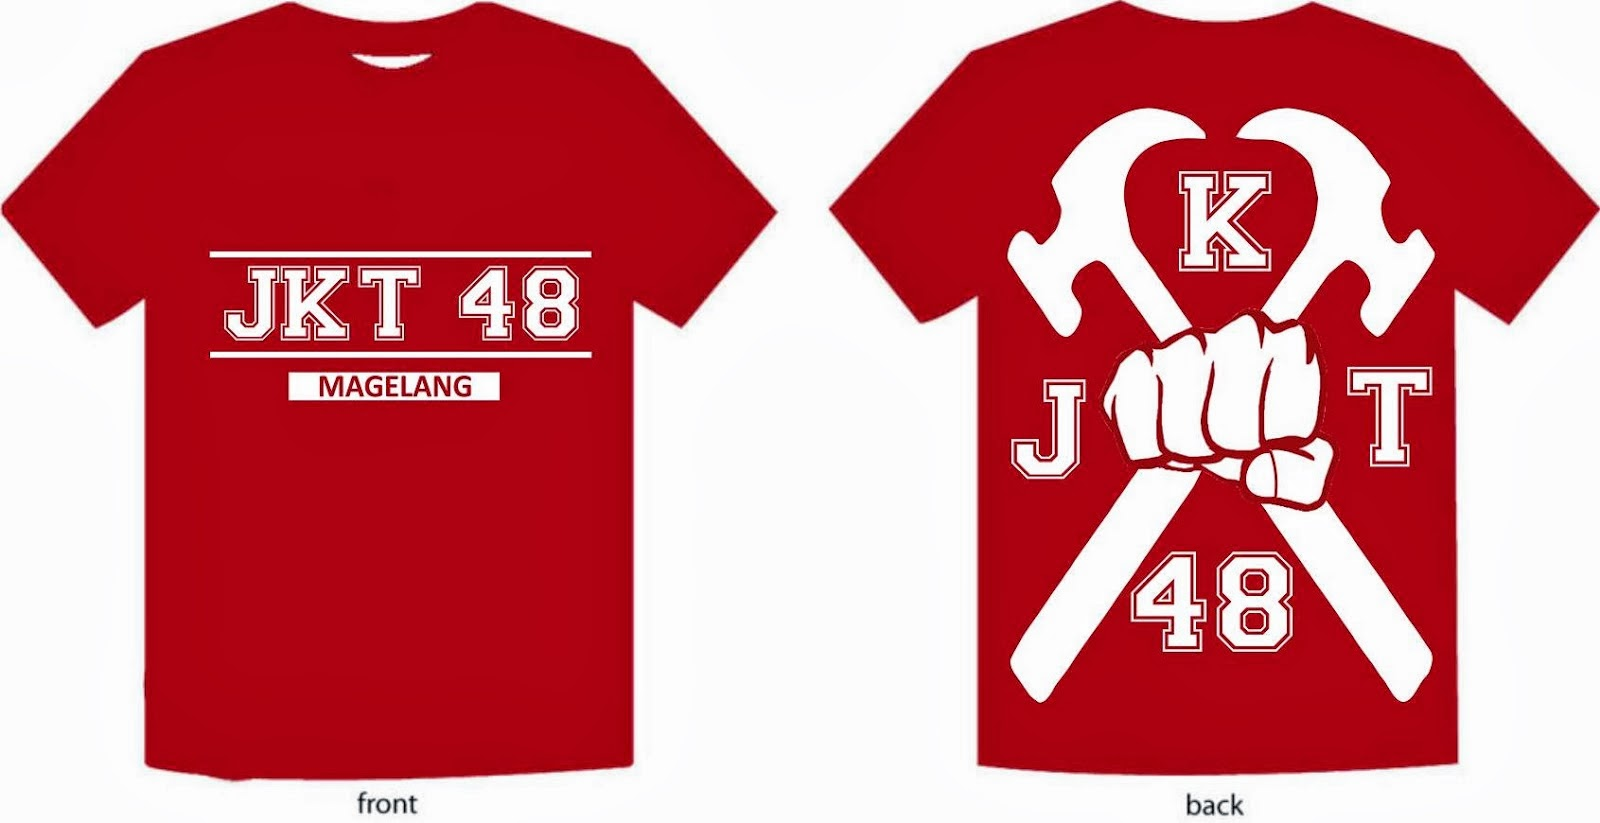 Desain t shirt jkt48 - Desain T Shirt Jkt48 22